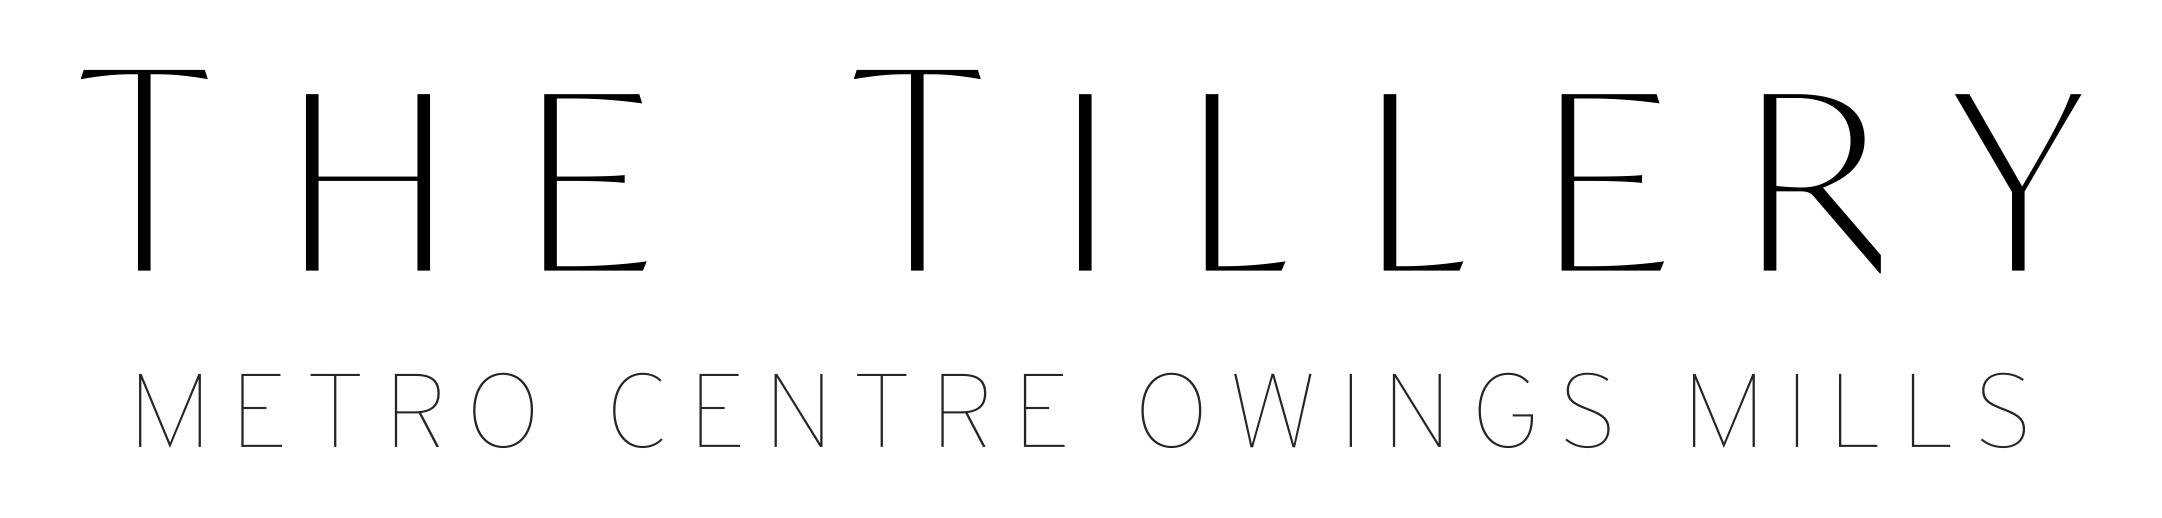 Logo for The Tillery